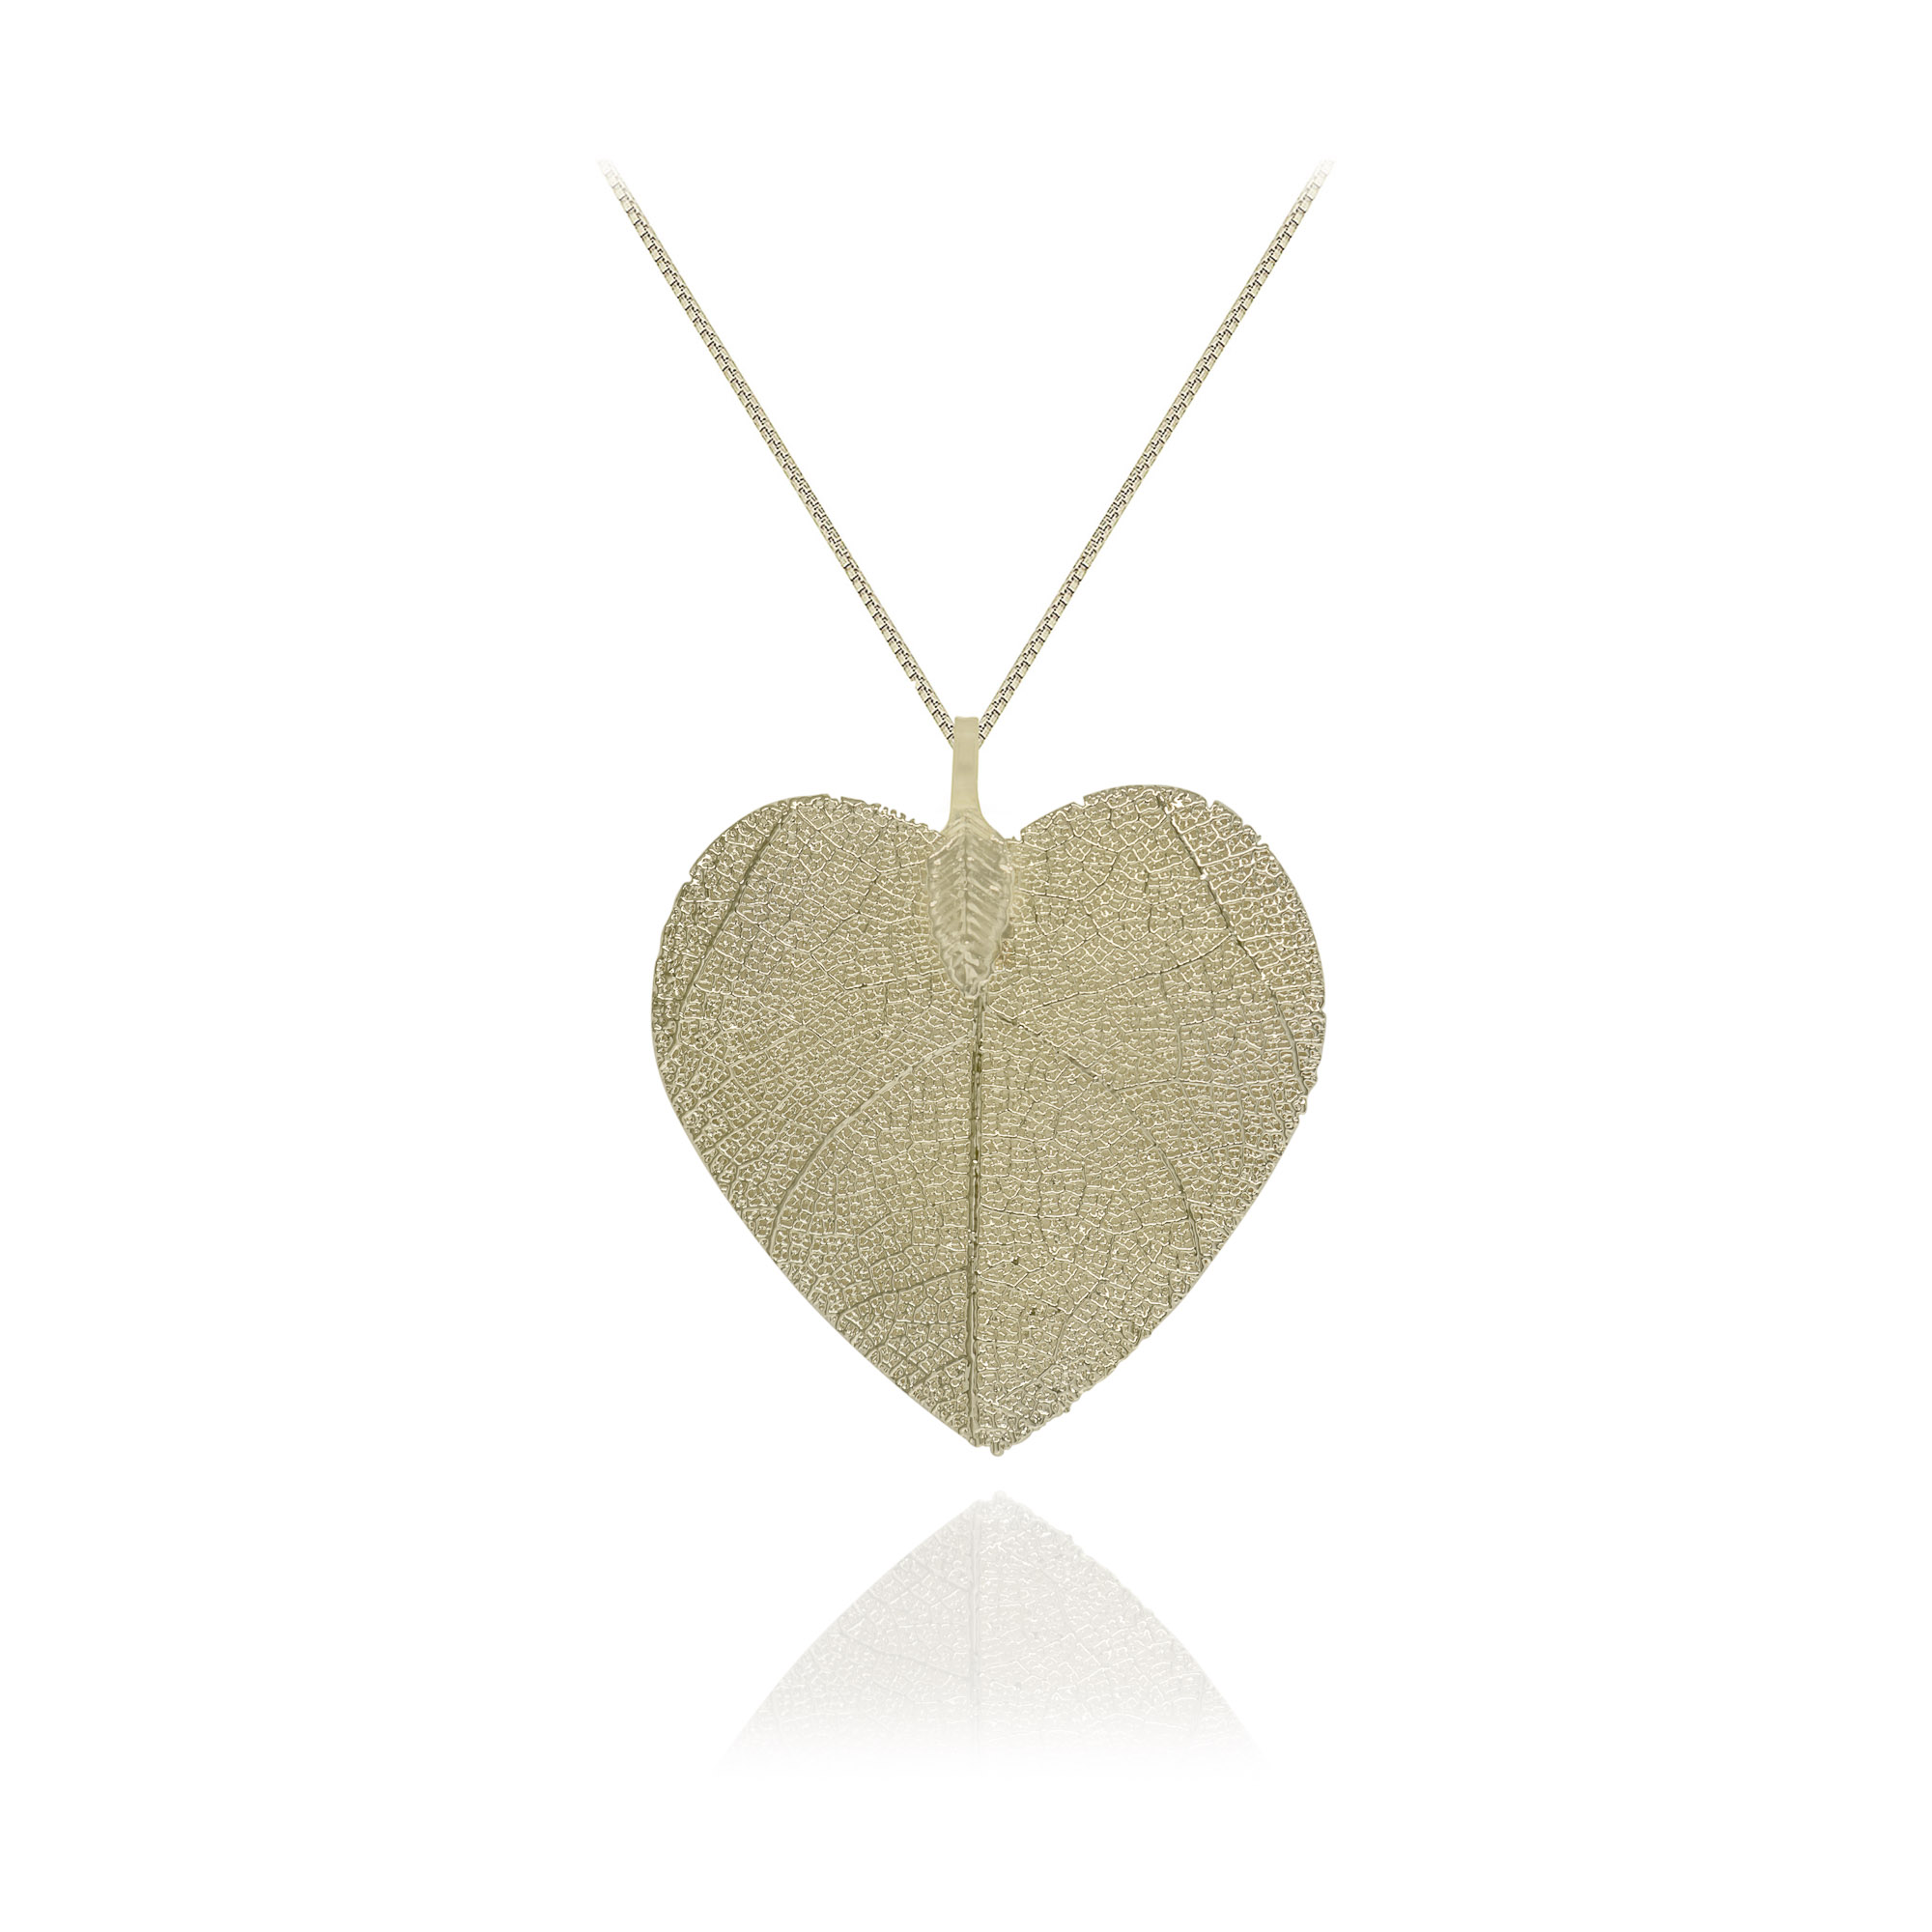 Colar folheado semijoia de Folha formato de coração